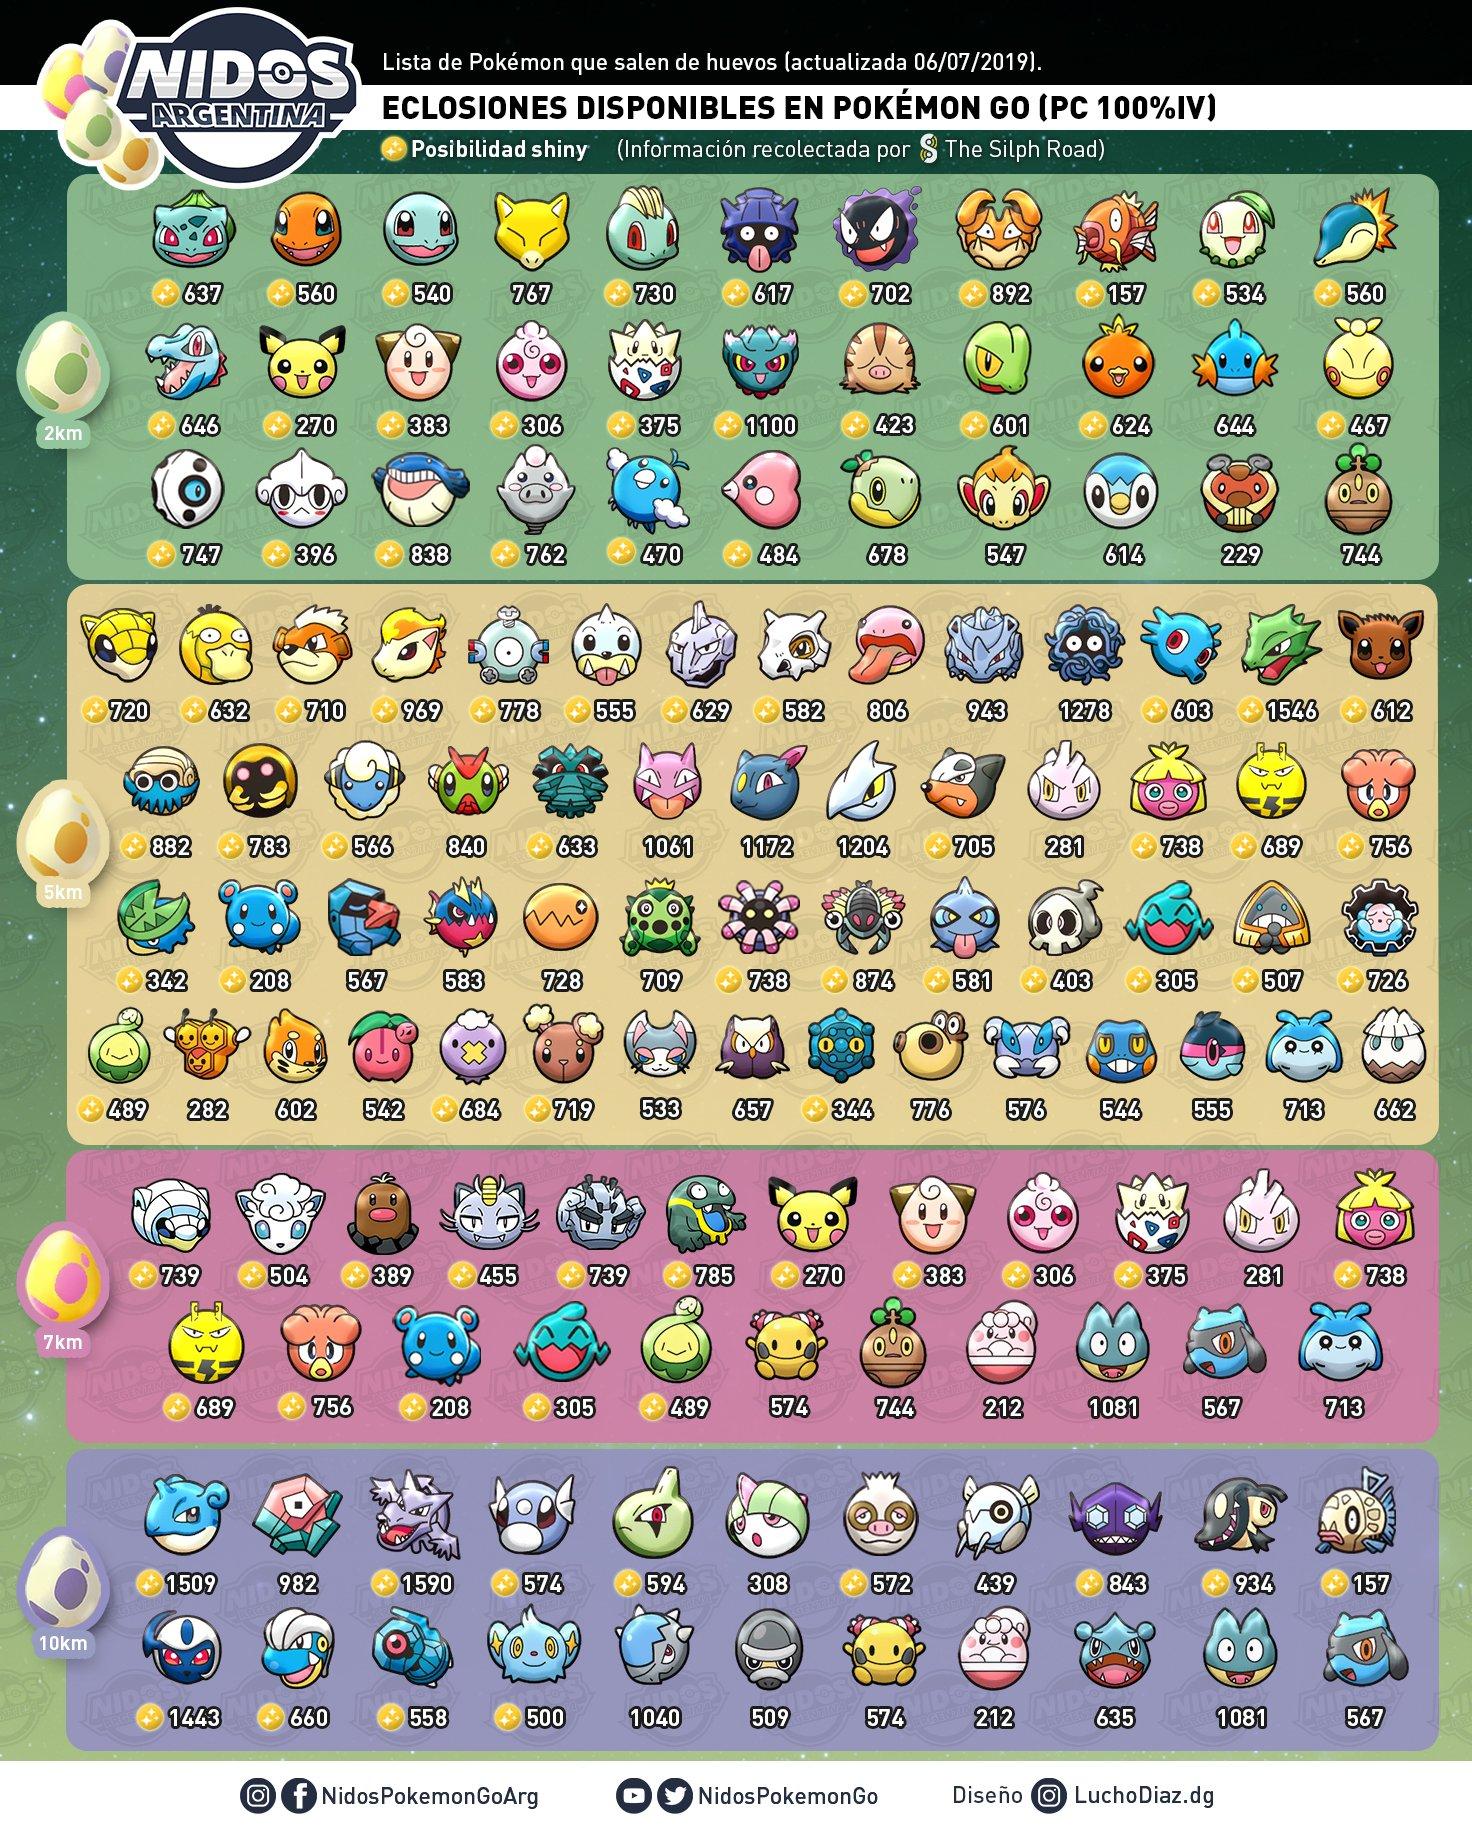 Imagen de las eclosiones Julio 2019 hecho por Nidos Pokémon GO Argentina